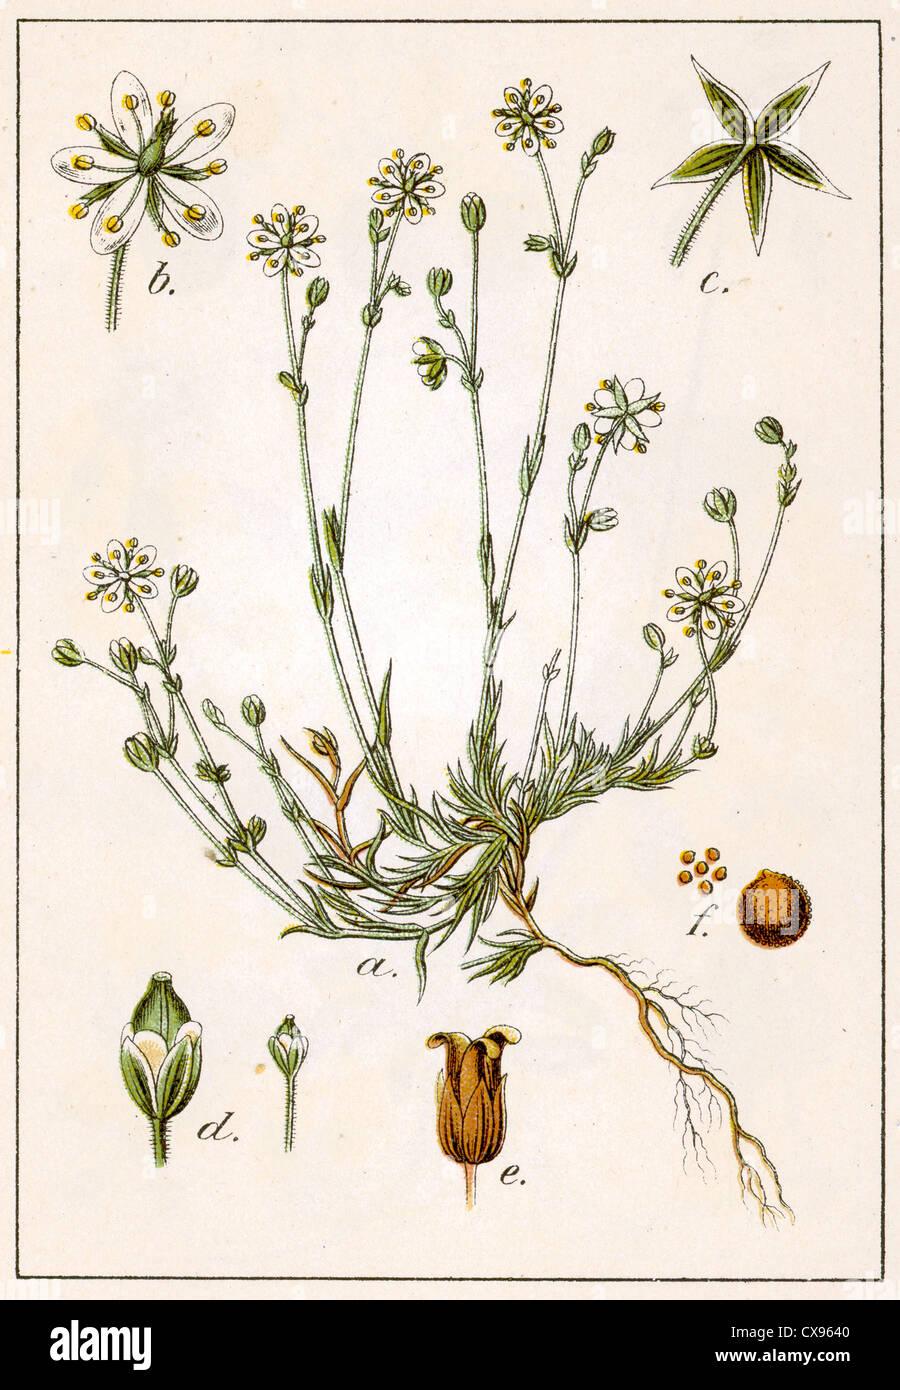 Alsine verna - Stock Image